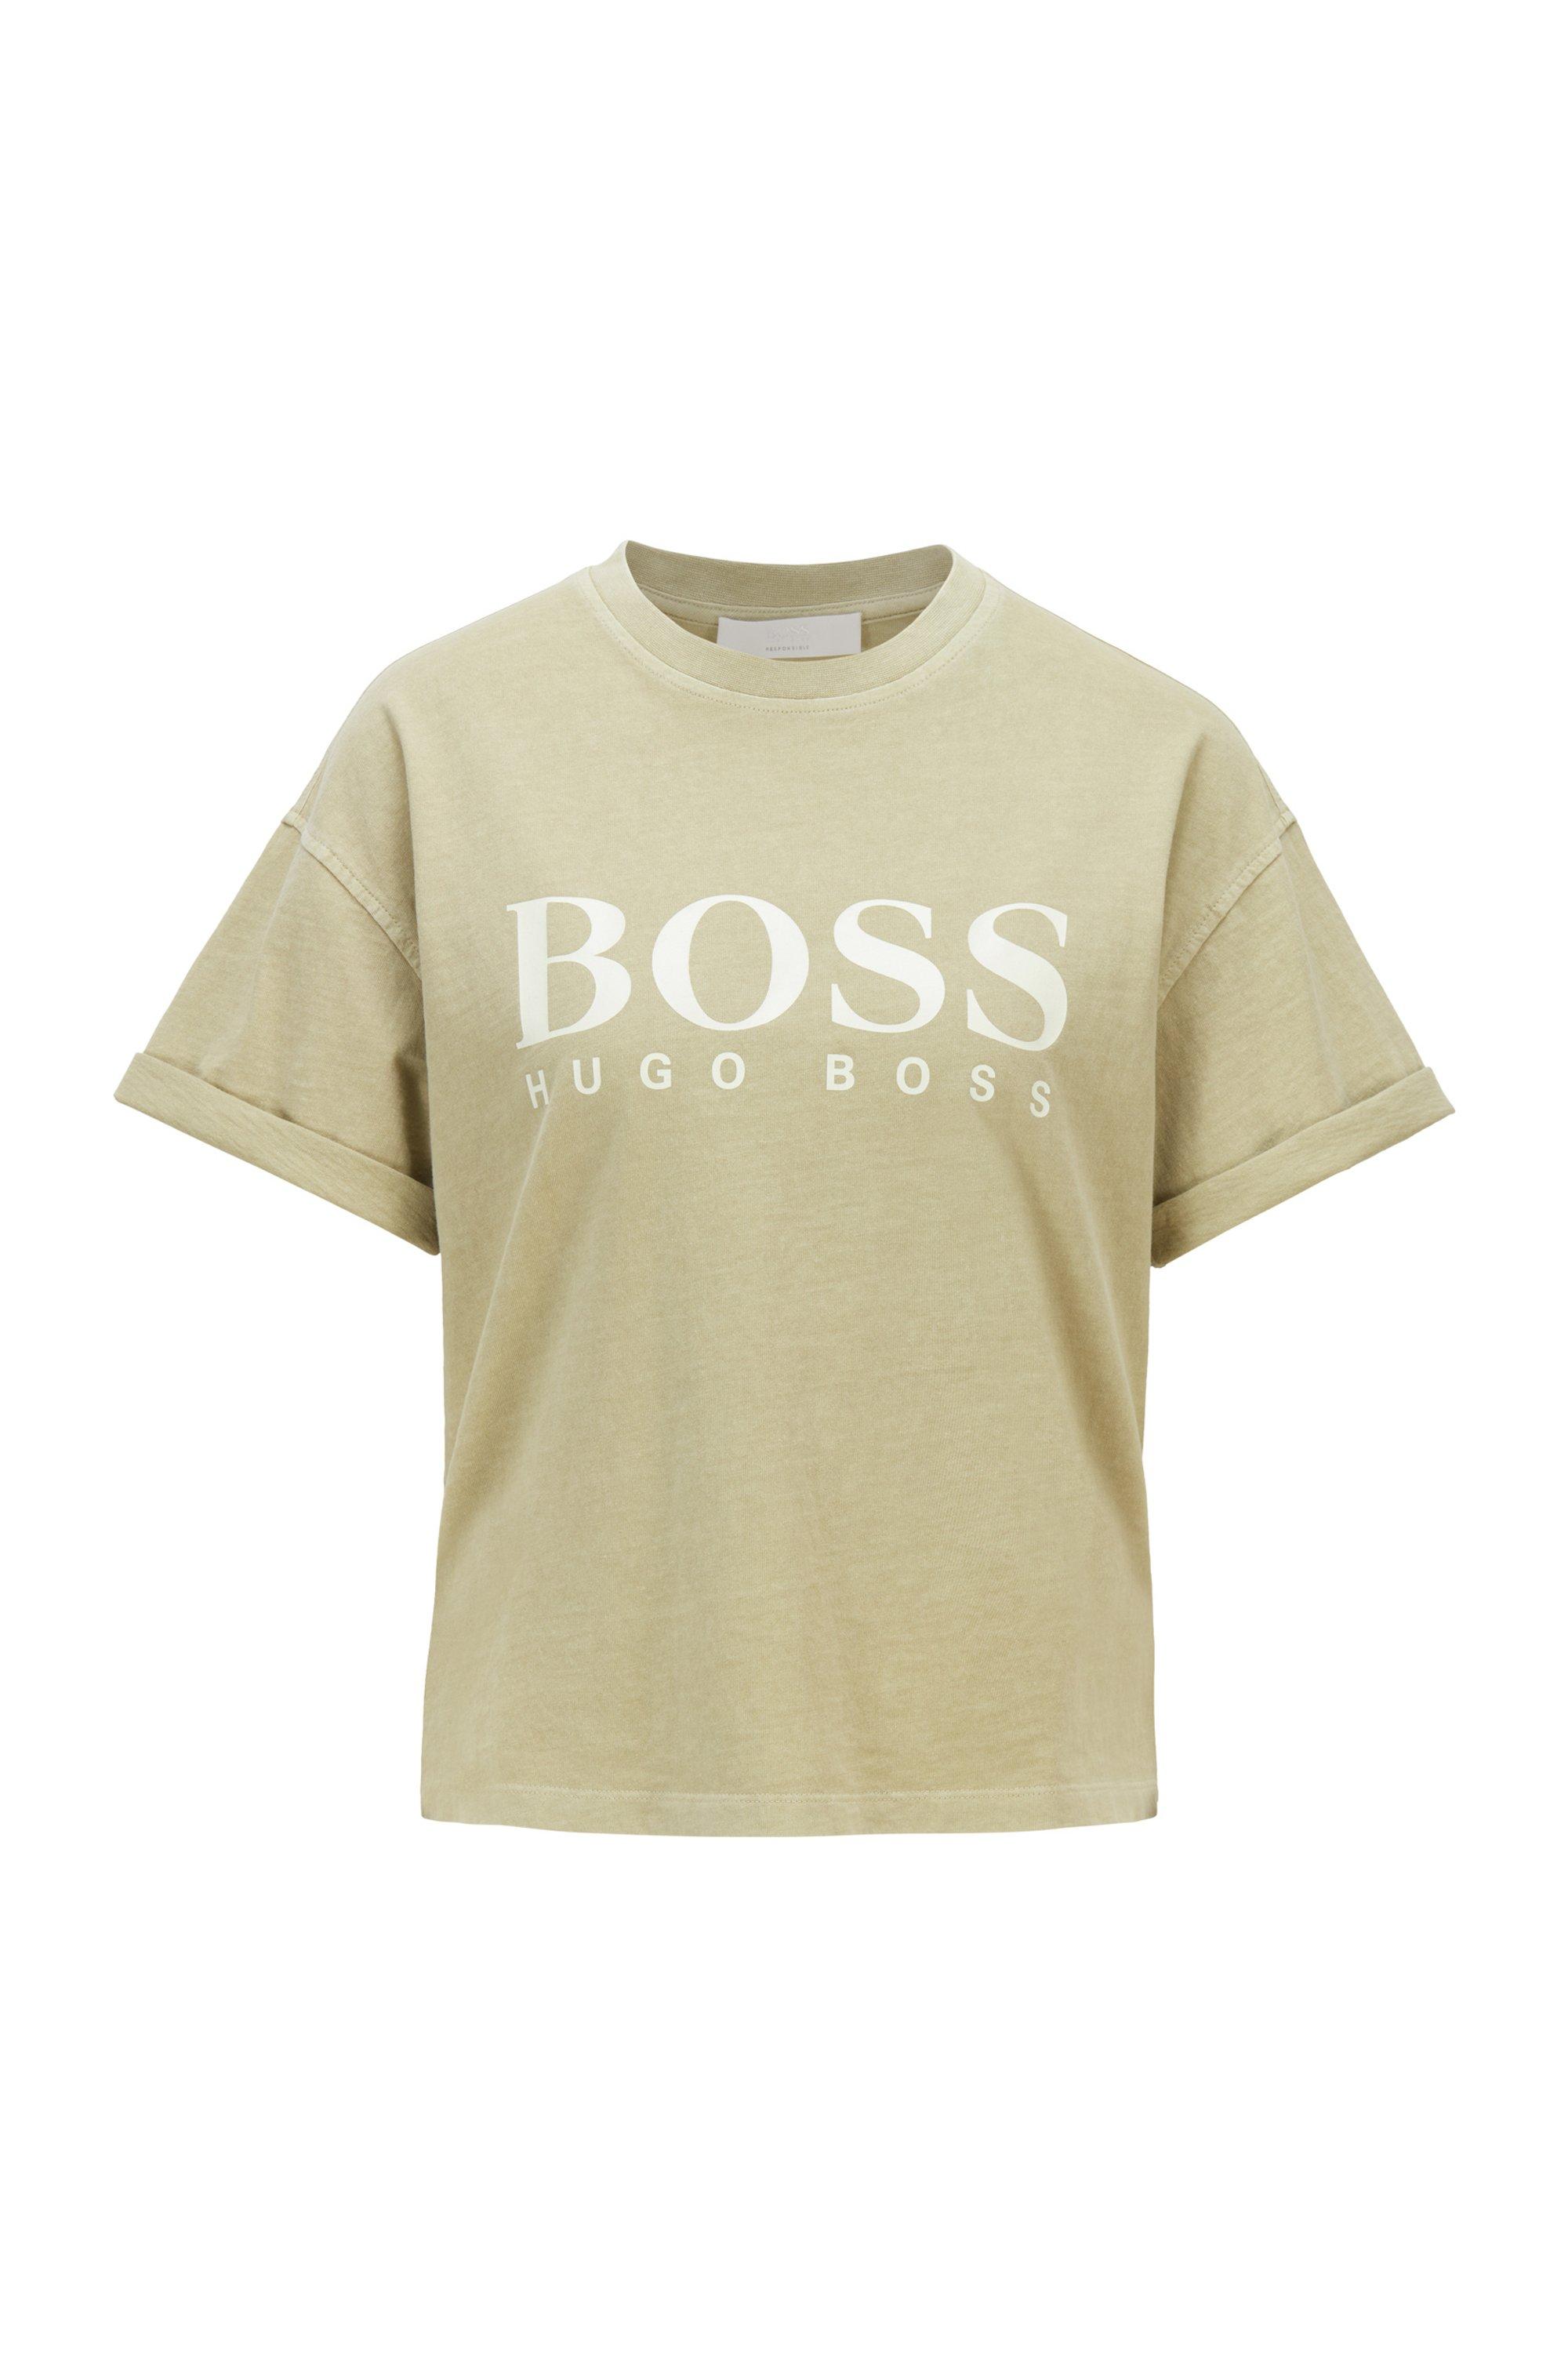 T-shirt en jersey de coton biologique teint en pièce, avec logo, Vert sombre